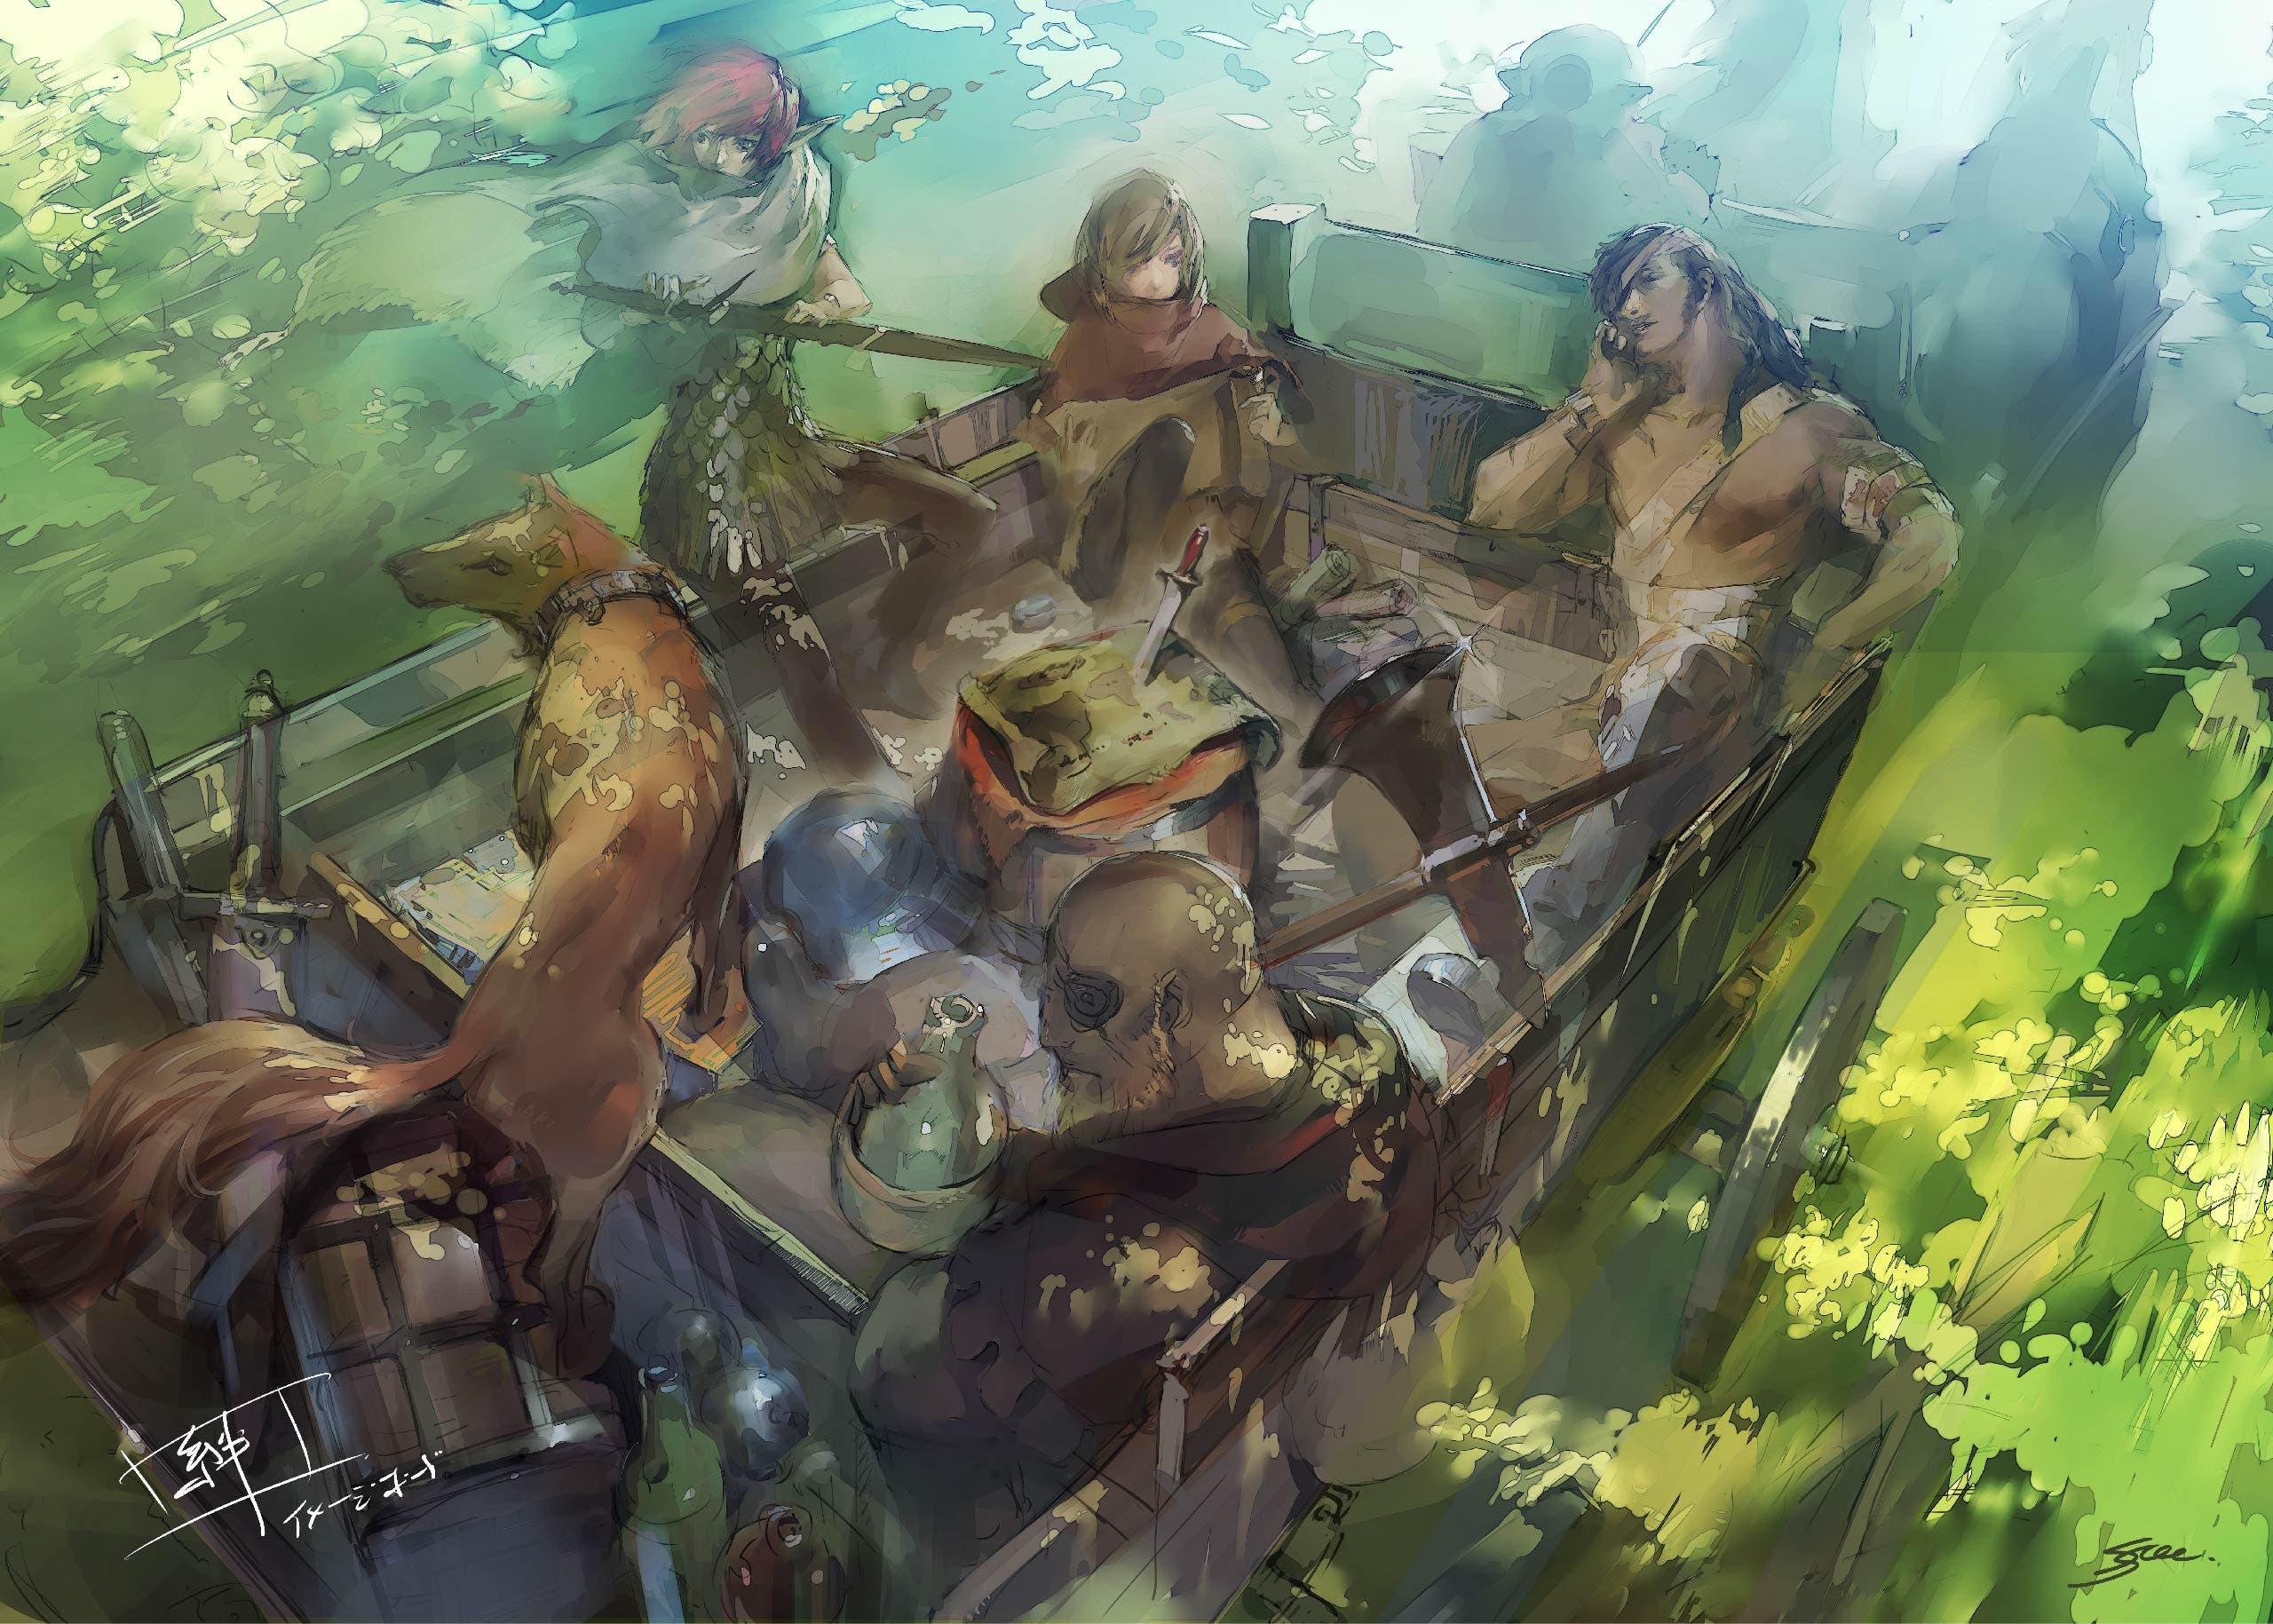 Imagen de El director de Persona 5 da más detalles sobre Project Re Fantasy